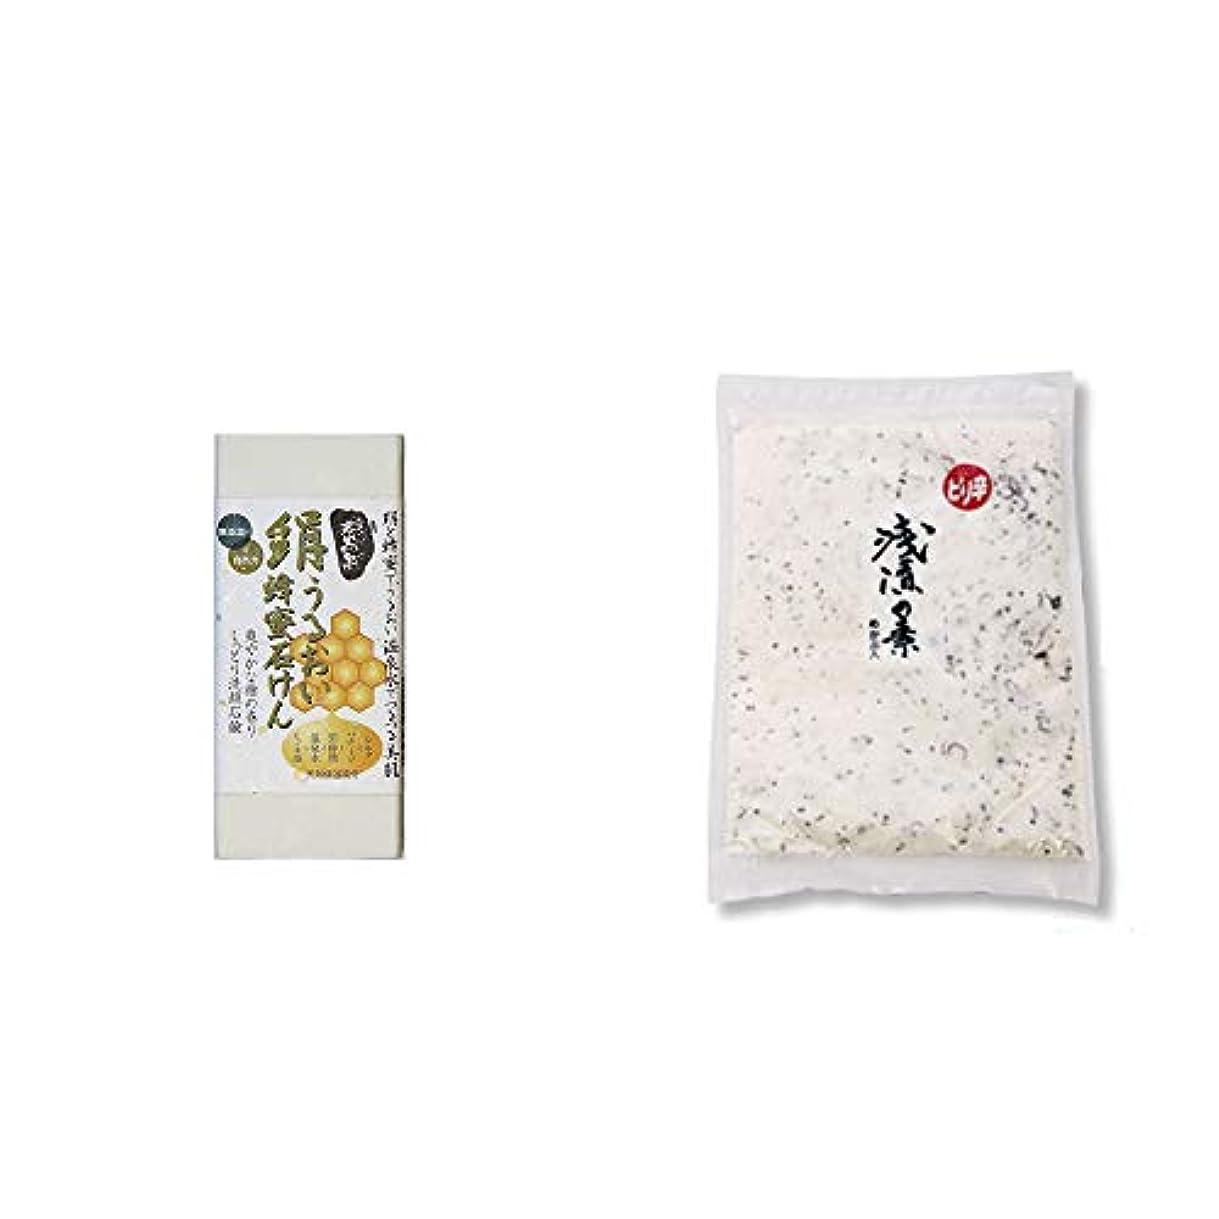 ブロンズフロー動かす[2点セット] ひのき炭黒泉 絹うるおい蜂蜜石けん(75g×2)?浅漬けの素[大](300g)